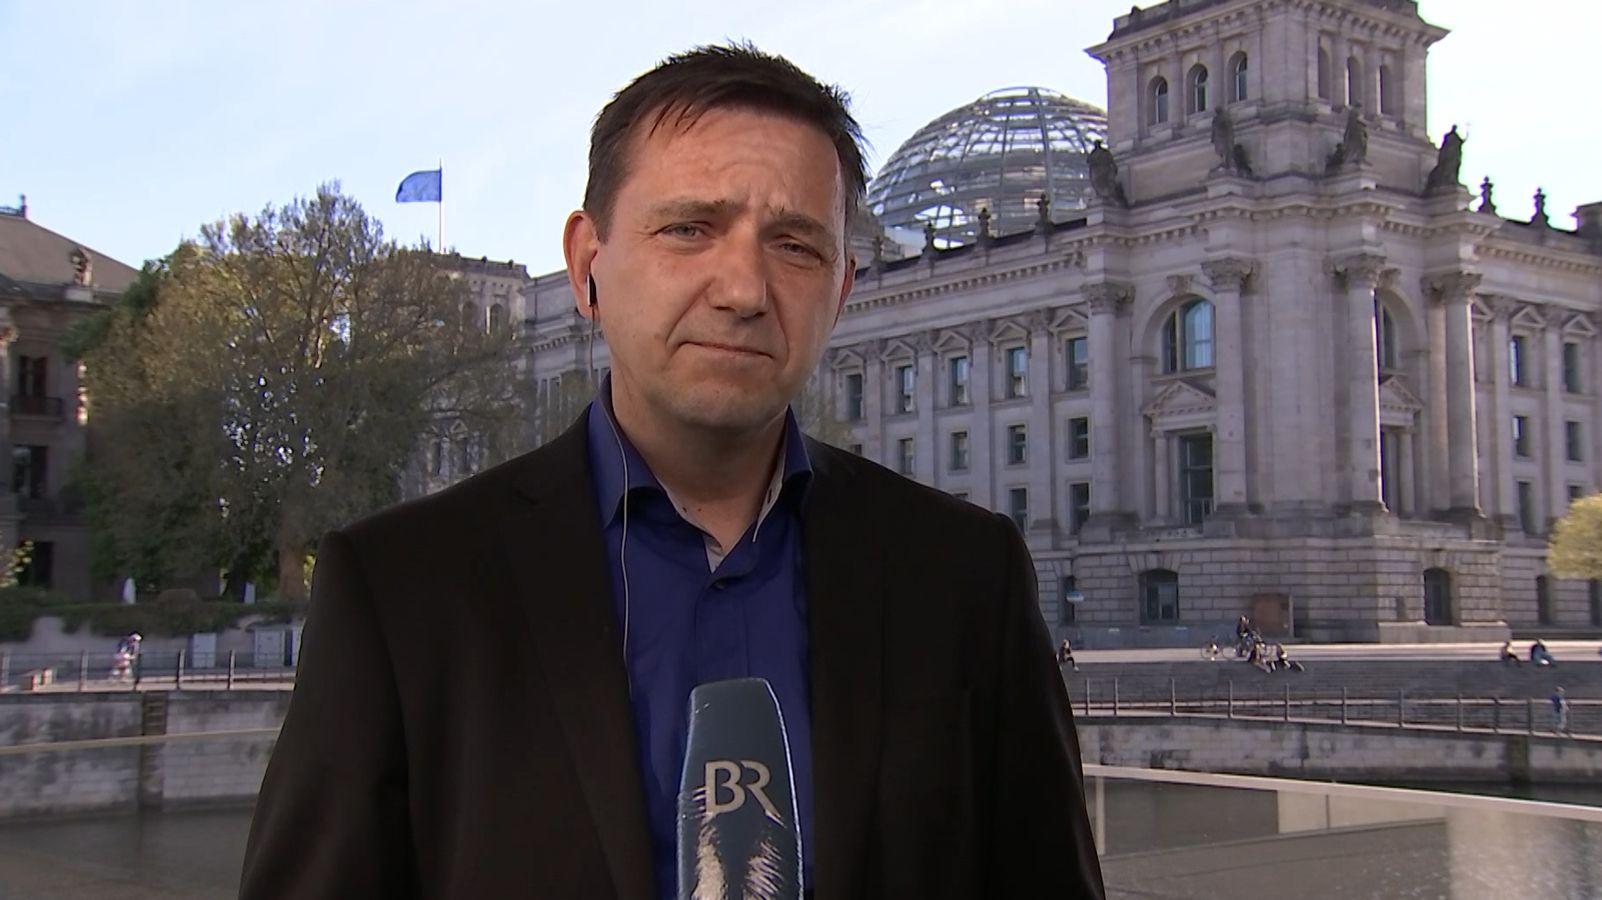 Interview mit Holger Hofmann vom Deutschen Kinderhilfswerk in Berlin zum Umgang mit Kindern in Corona-Zeiten.